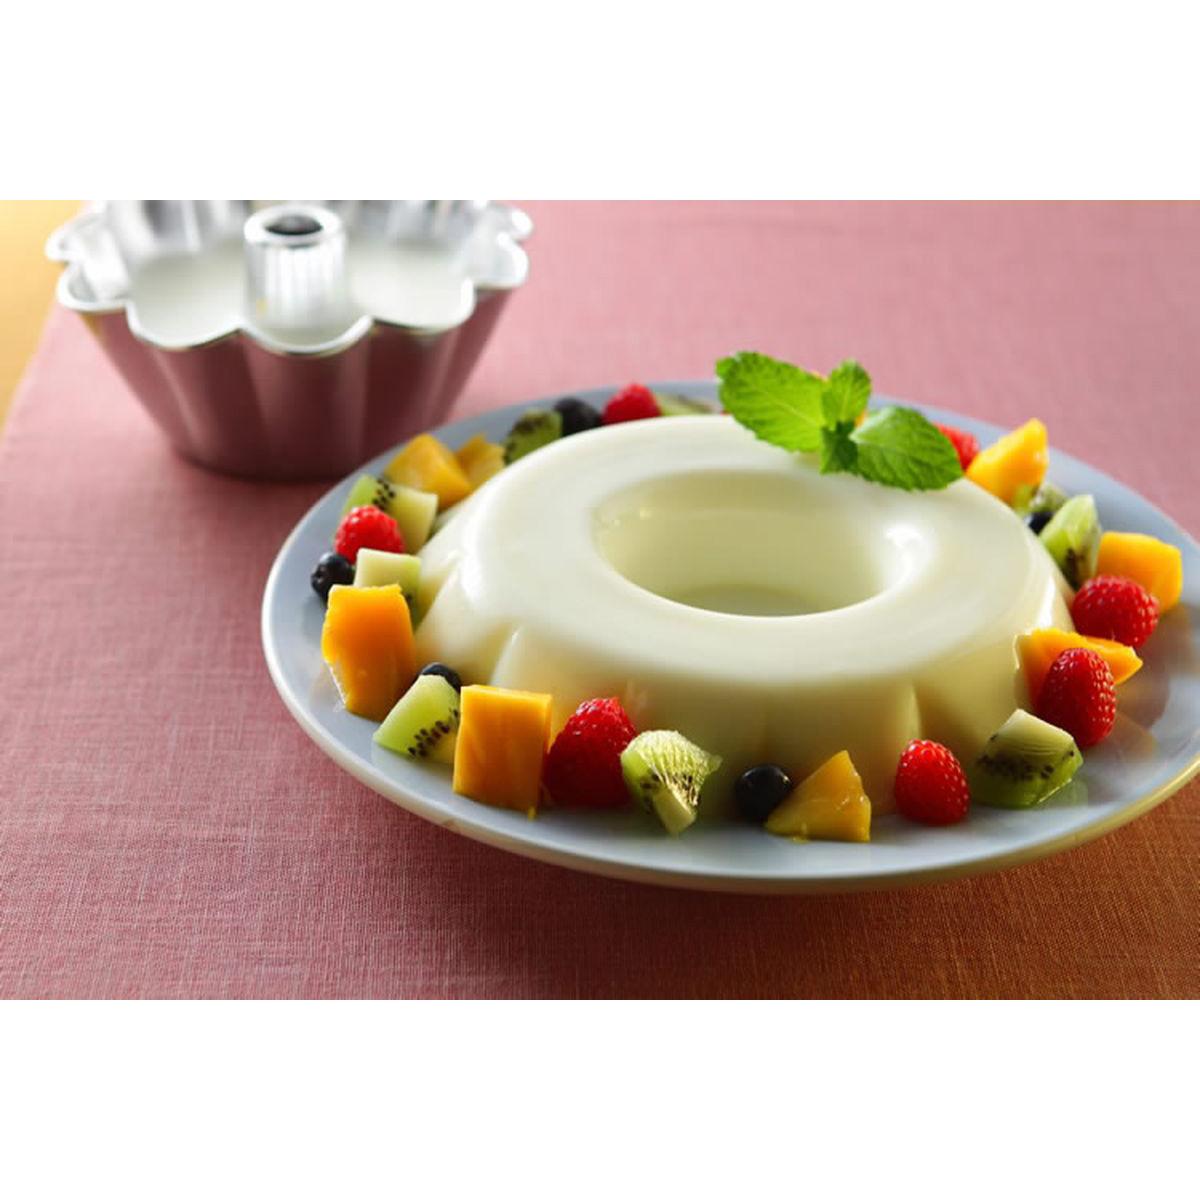 食譜:鮮奶果凍